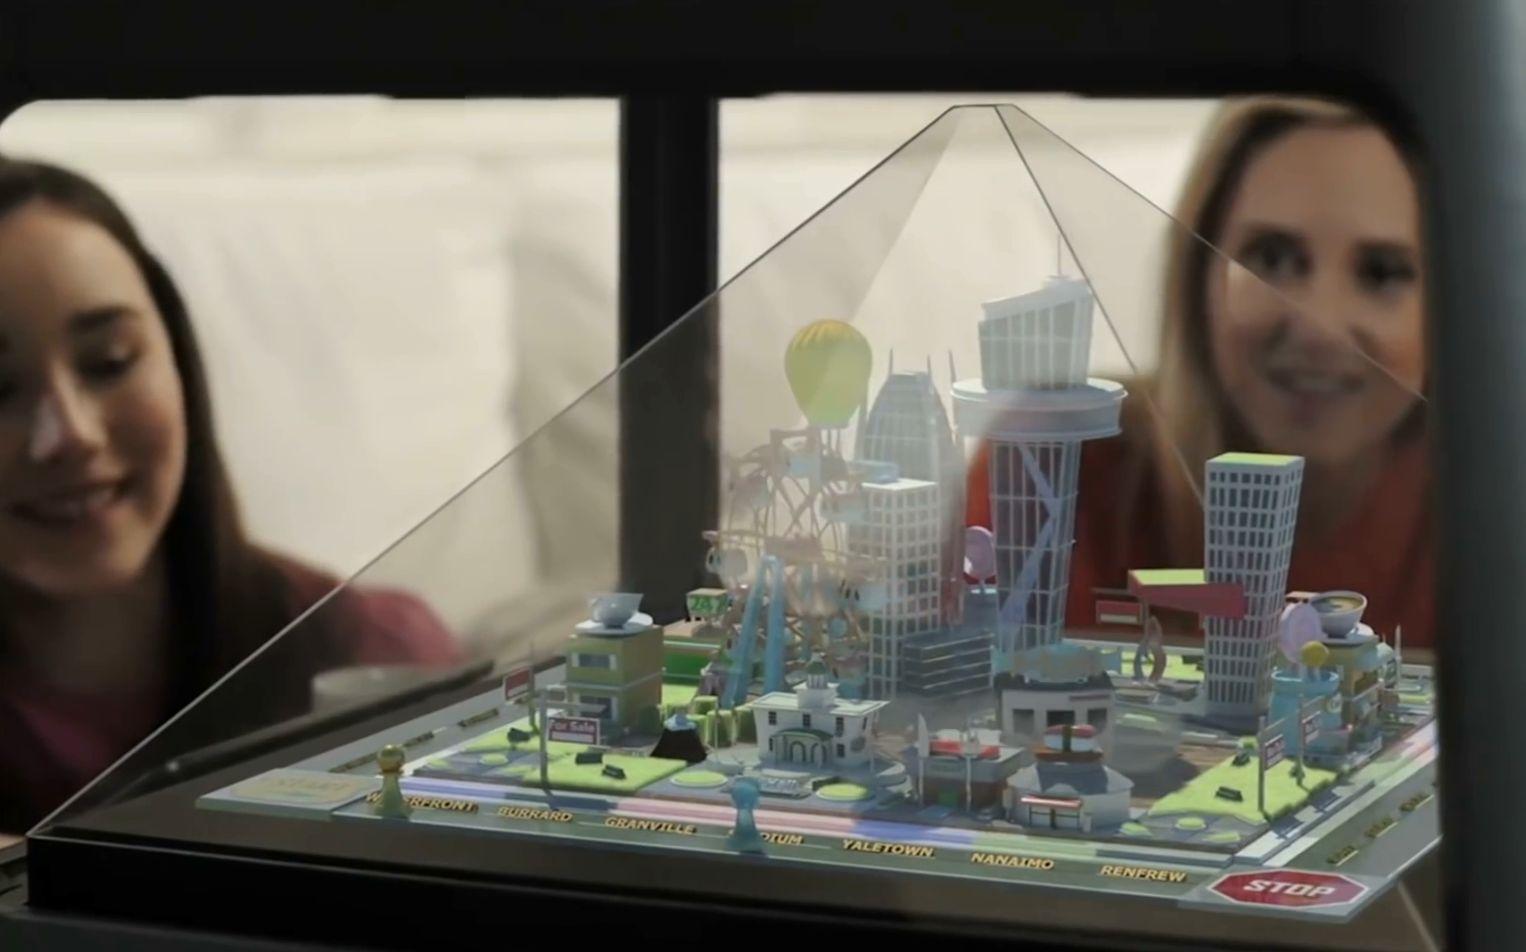 【手工制作】两分钟:教你制作一个手机3d全息投影,高科技产品立马拥有